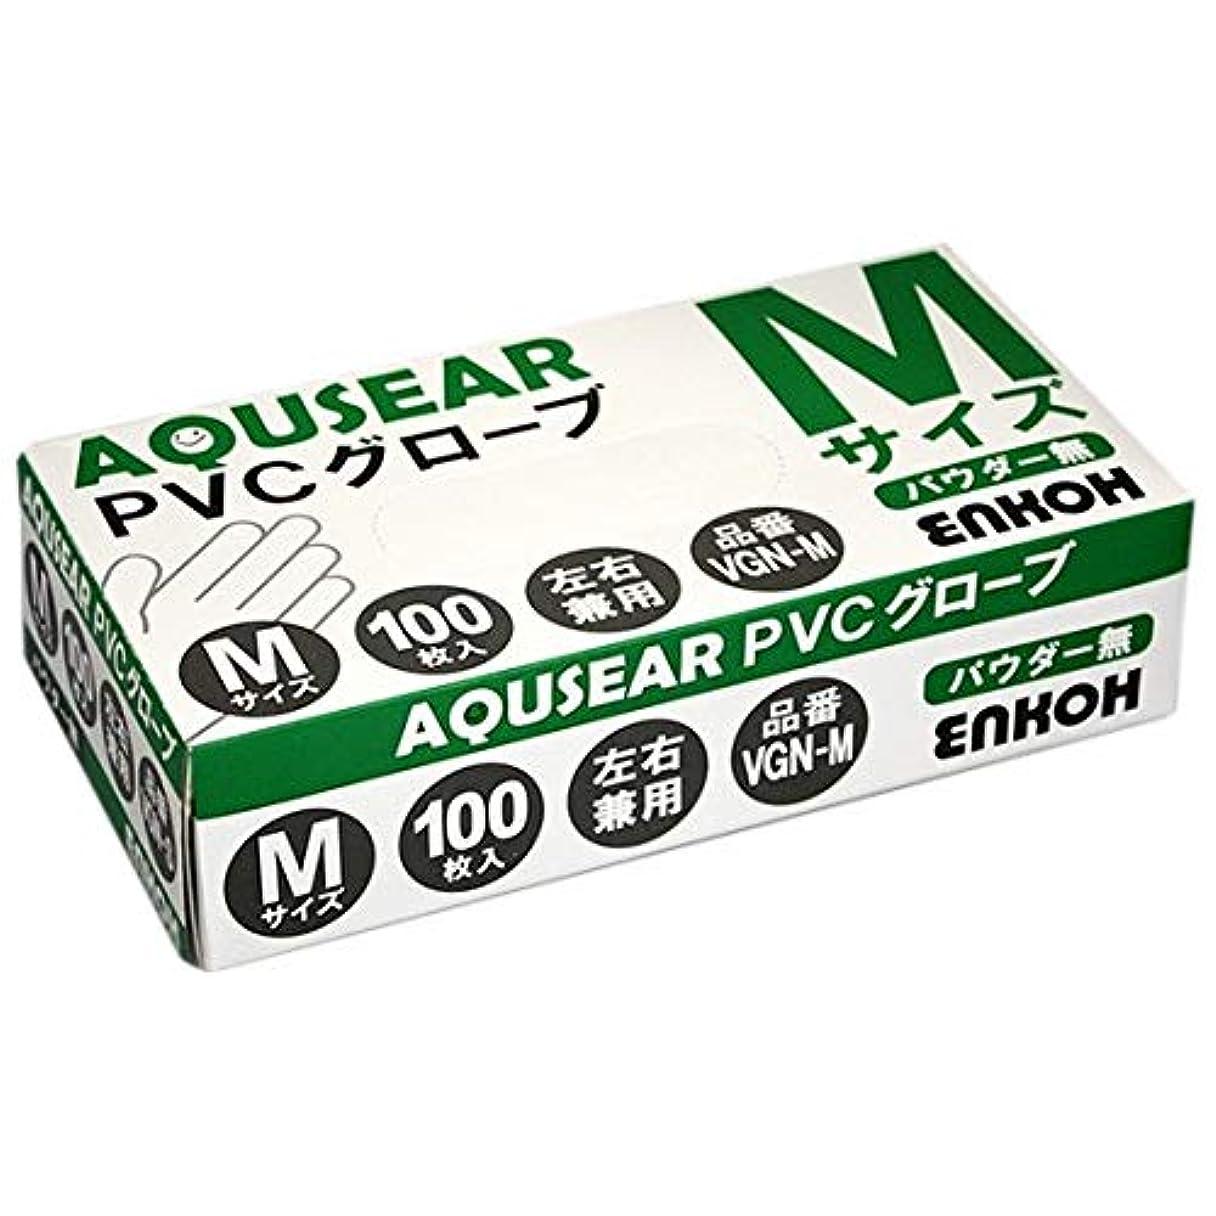 放出年アルバニーAQUSEAR PVC プラスチックグローブ Mサイズ パウダー無 VGN-M 100枚×20箱